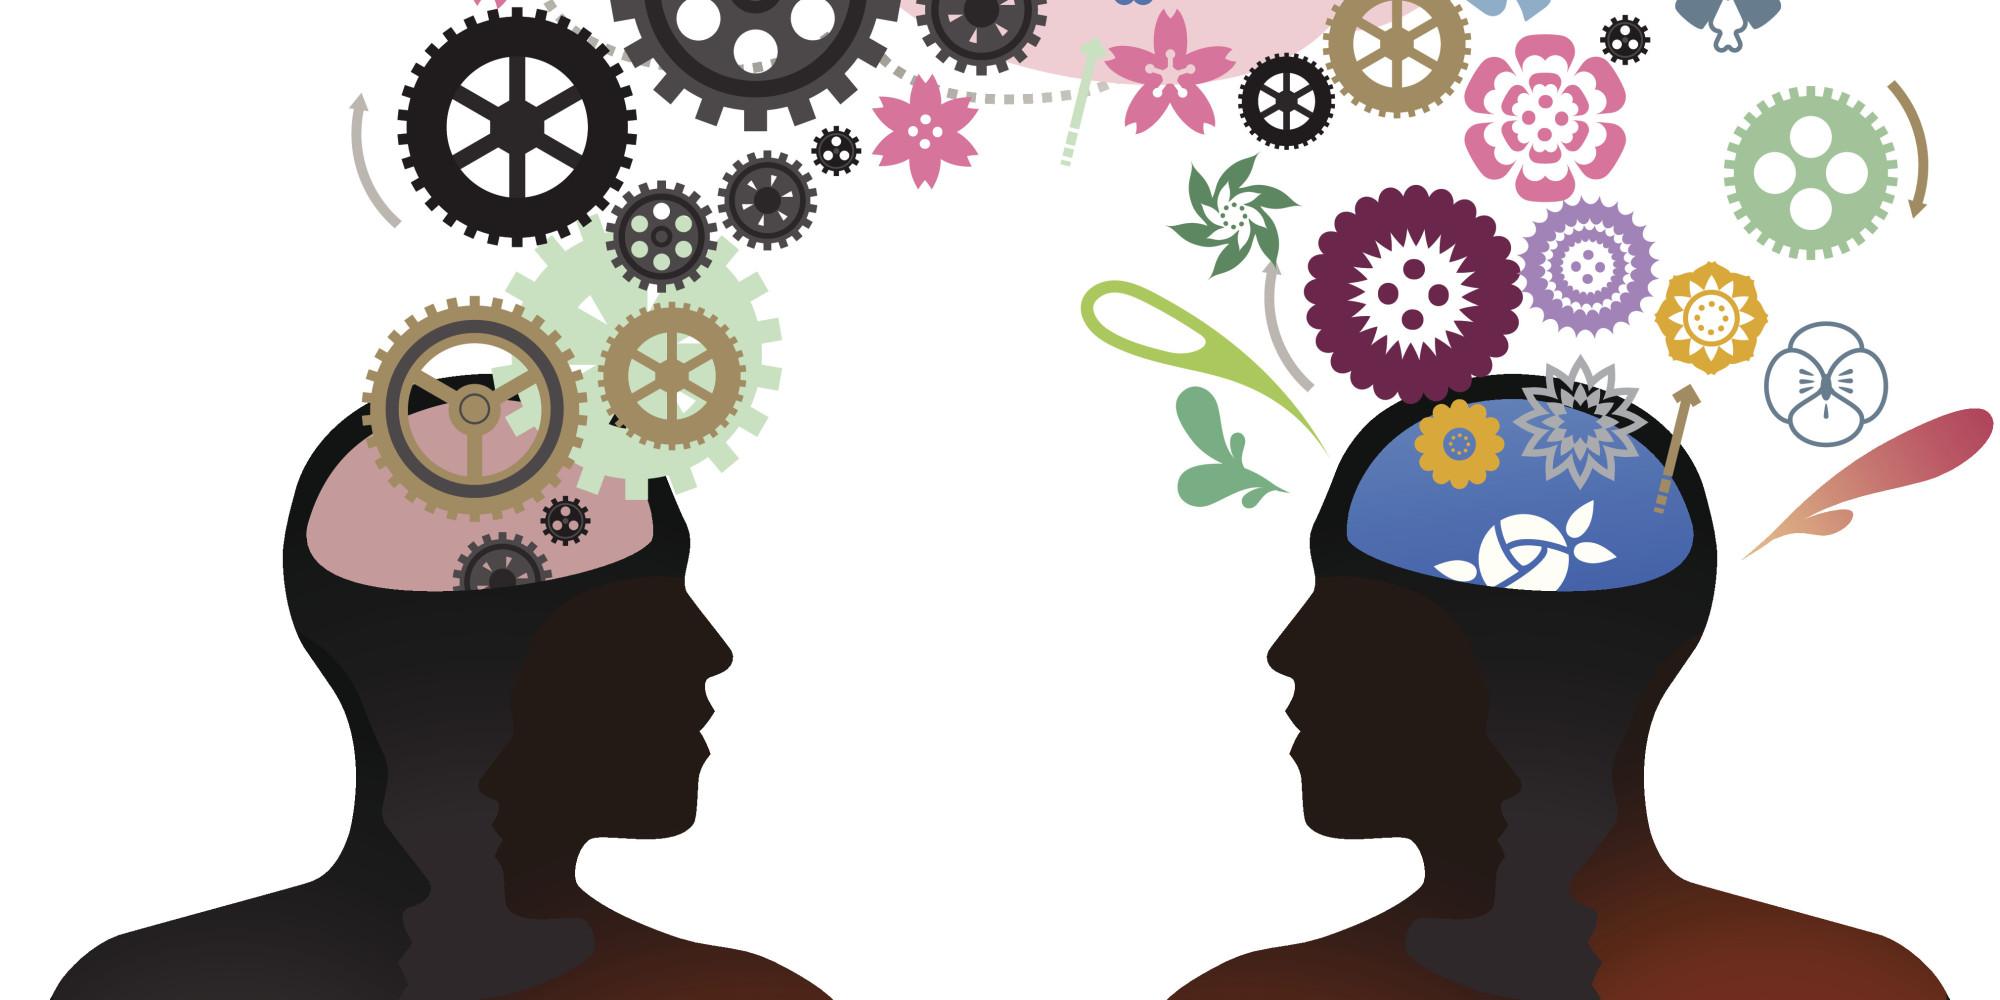 Trí tuệ nhân tạo và trí tuệ cảm xúc